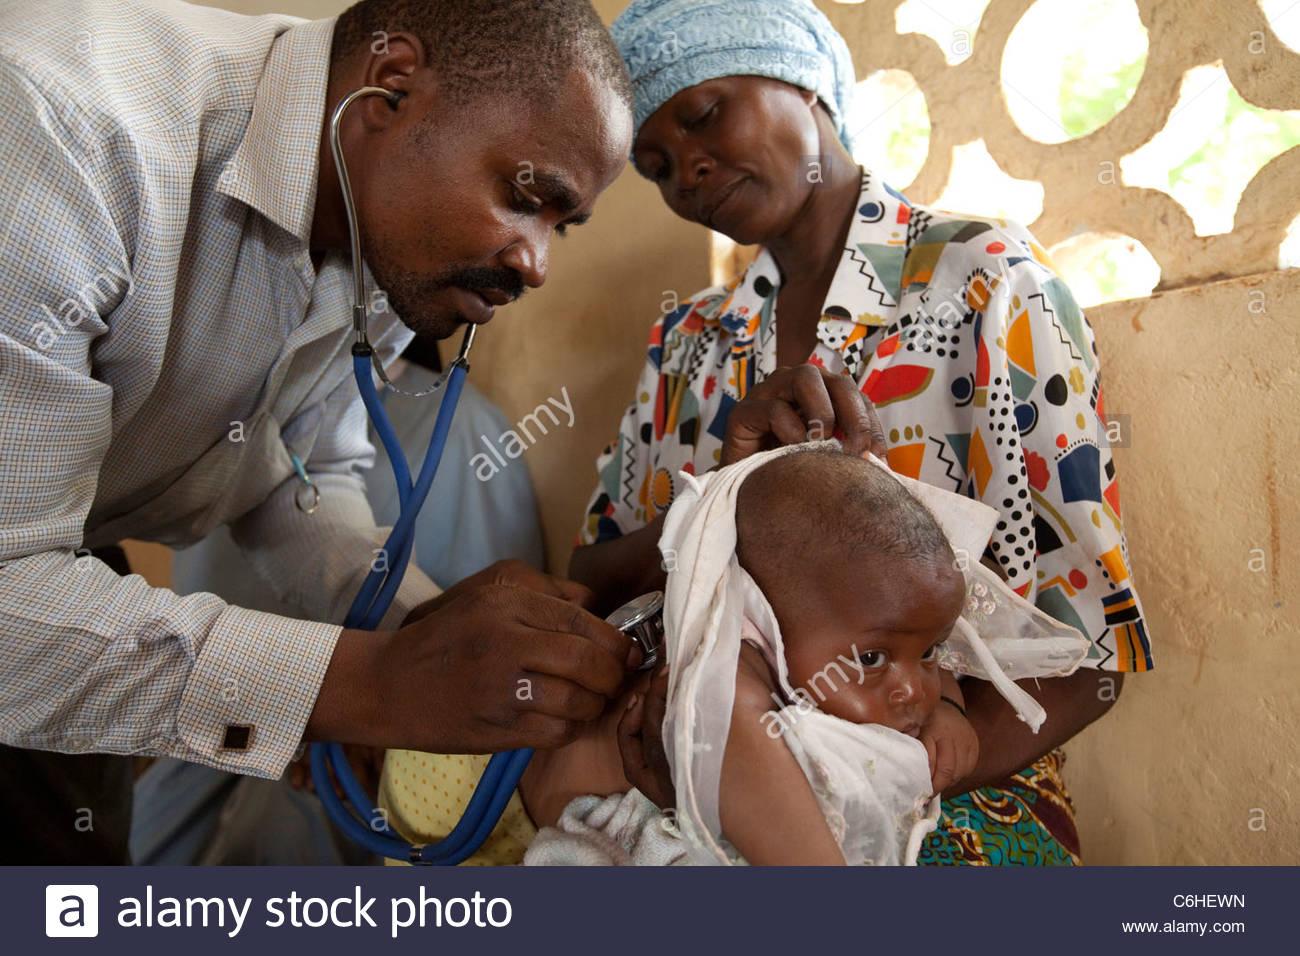 Un médico examina a un niño pequeño en un dispensario médico Imagen De Stock